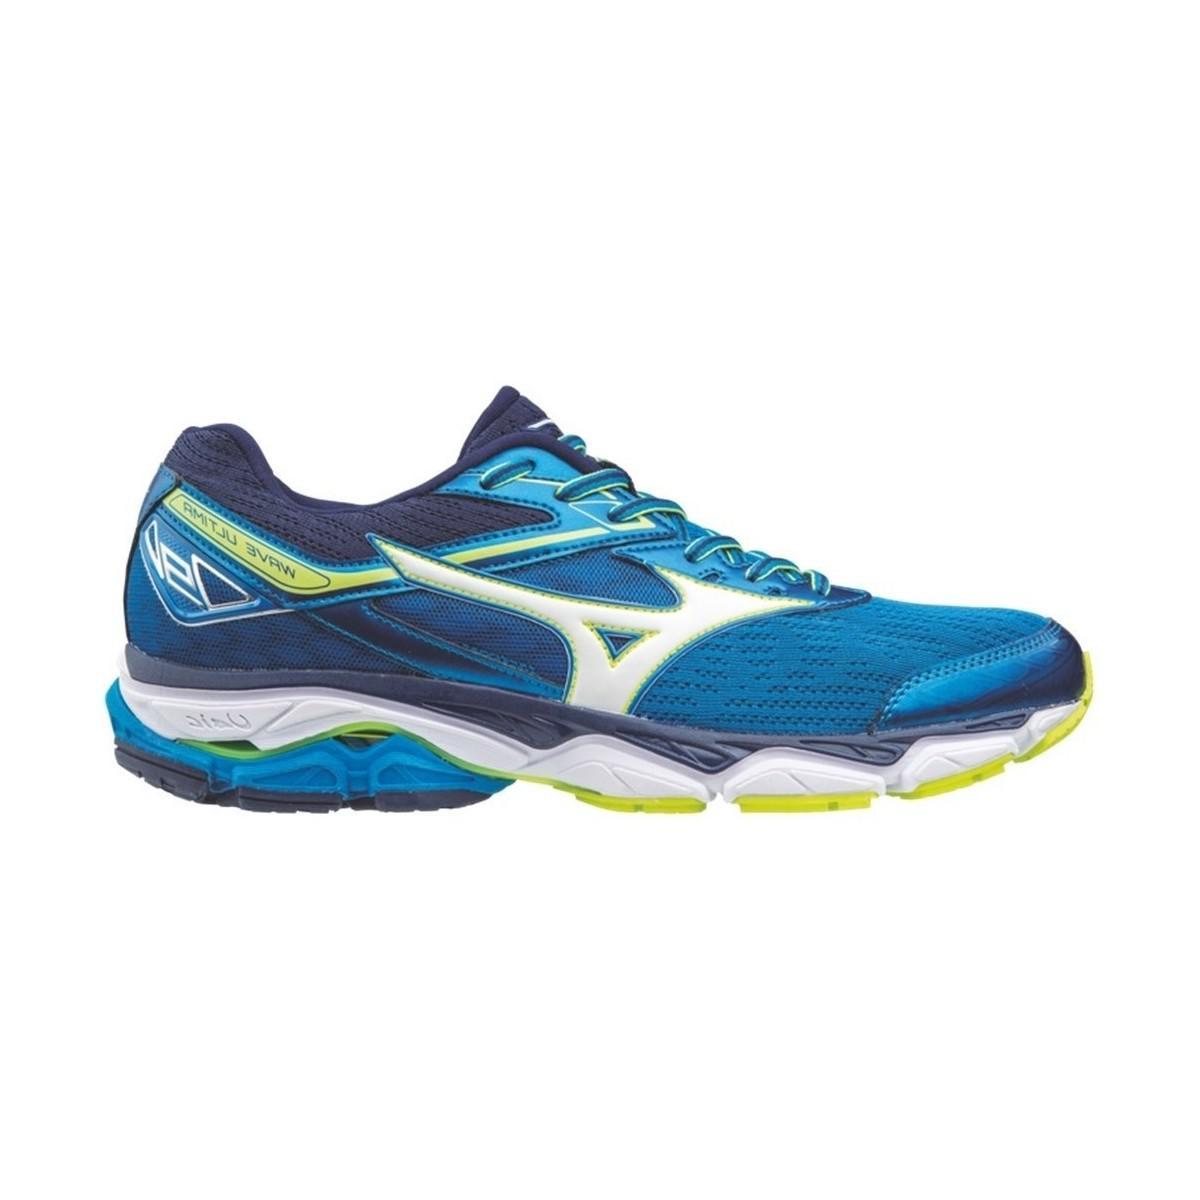 Blue 'Wave' trainers discount explore view cheap price hTnrz18g